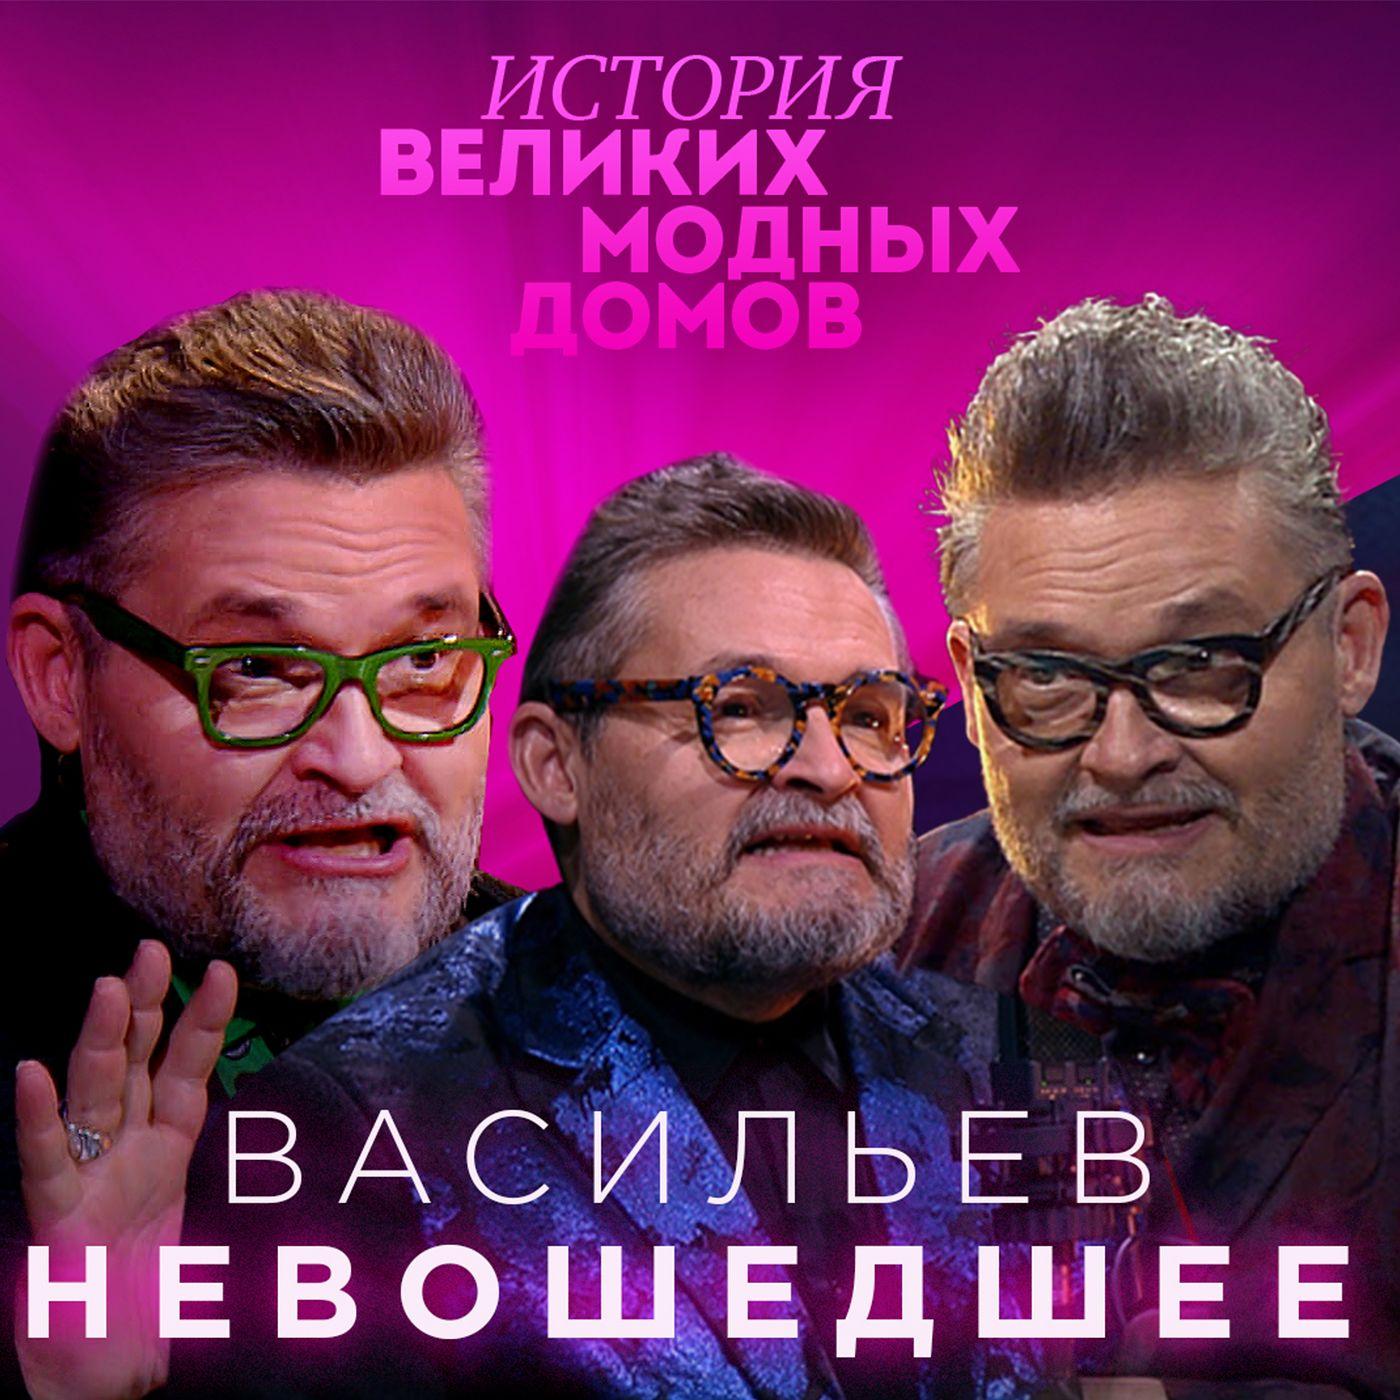 Александр Васильев. Невошедшее. История великих модных домов